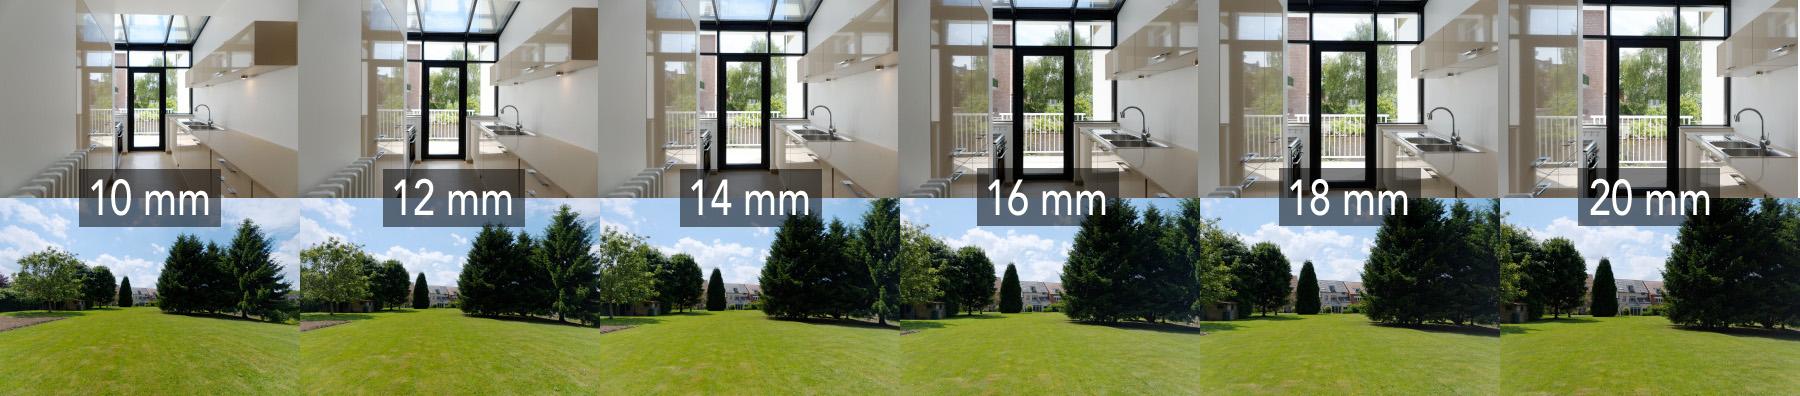 comparatif-focale-10mm-a-20mm-APSC-immobilier-paysage